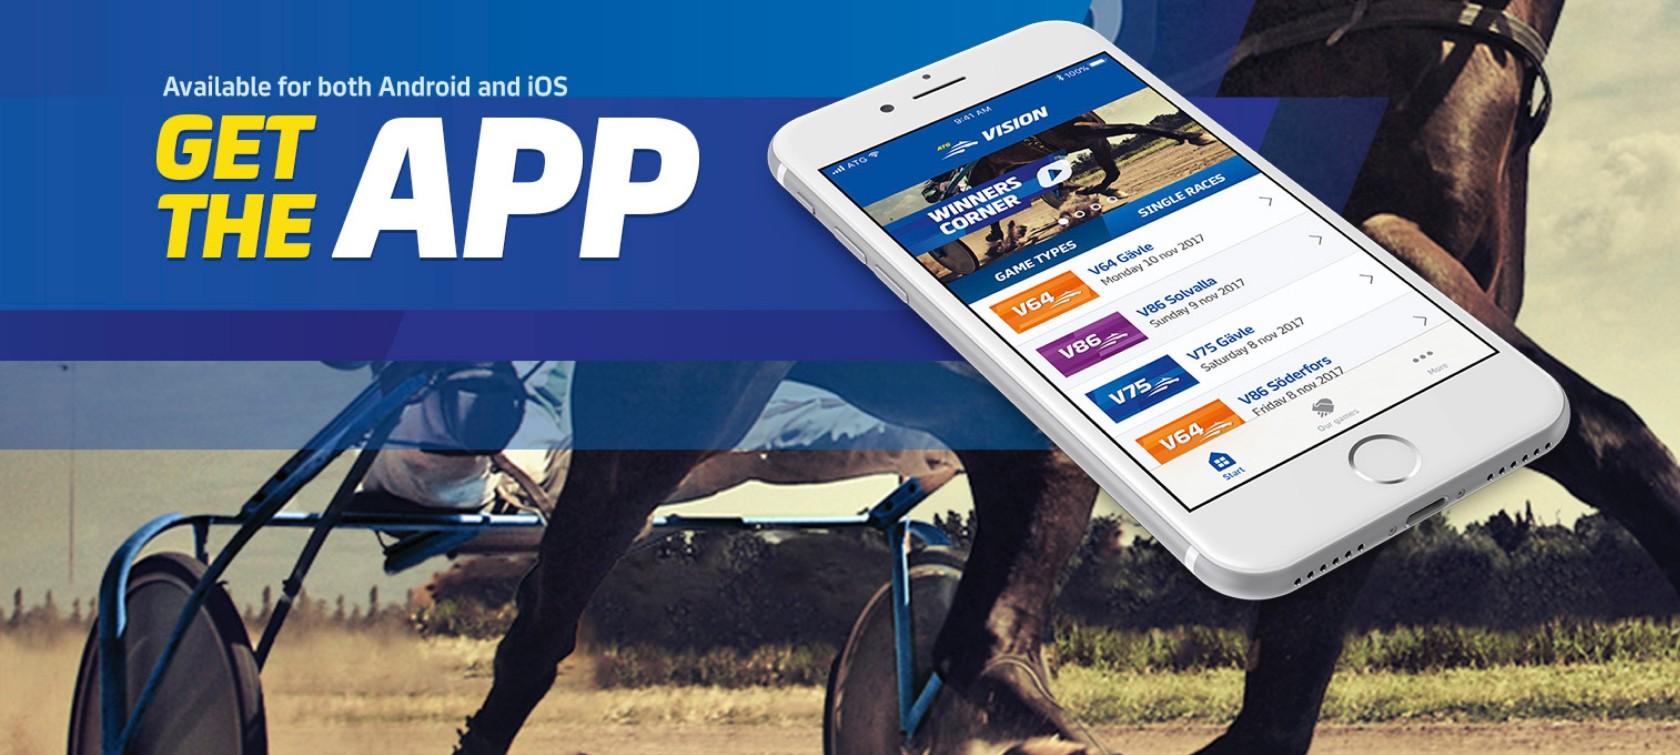 Atg app av Phosworks 2